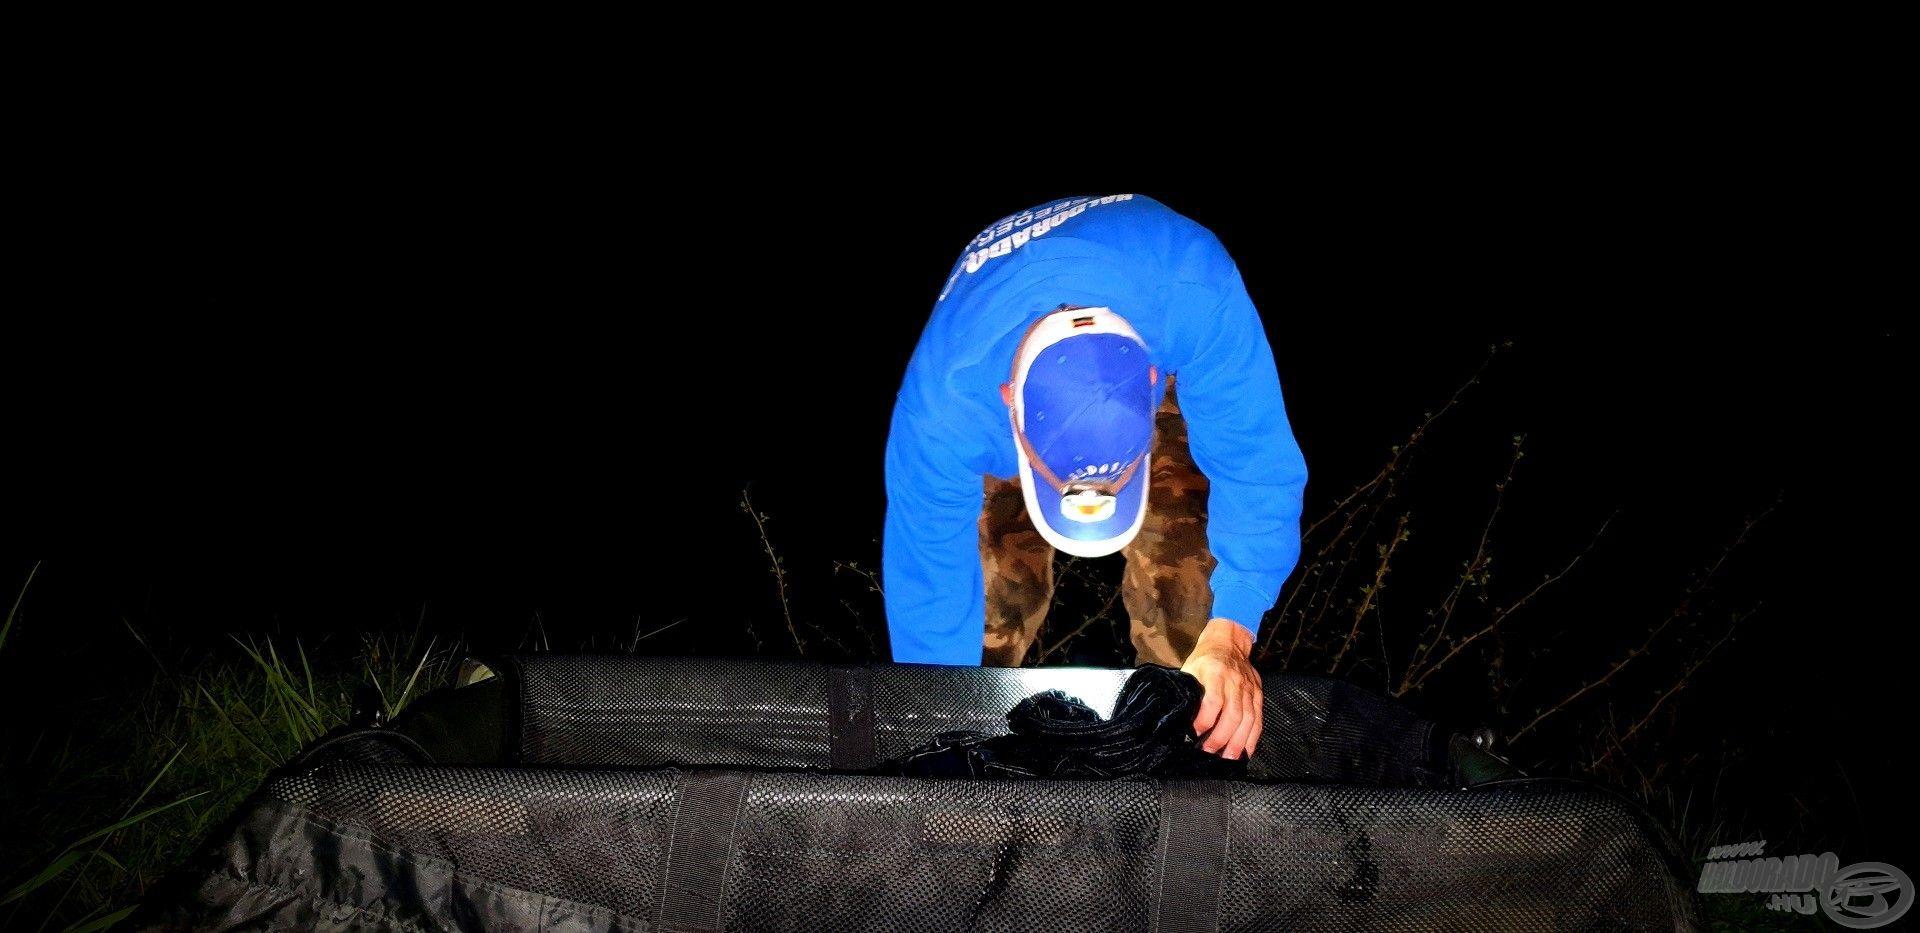 Éjfél után alig néhány perccel kerül bölcsőbe az első hal